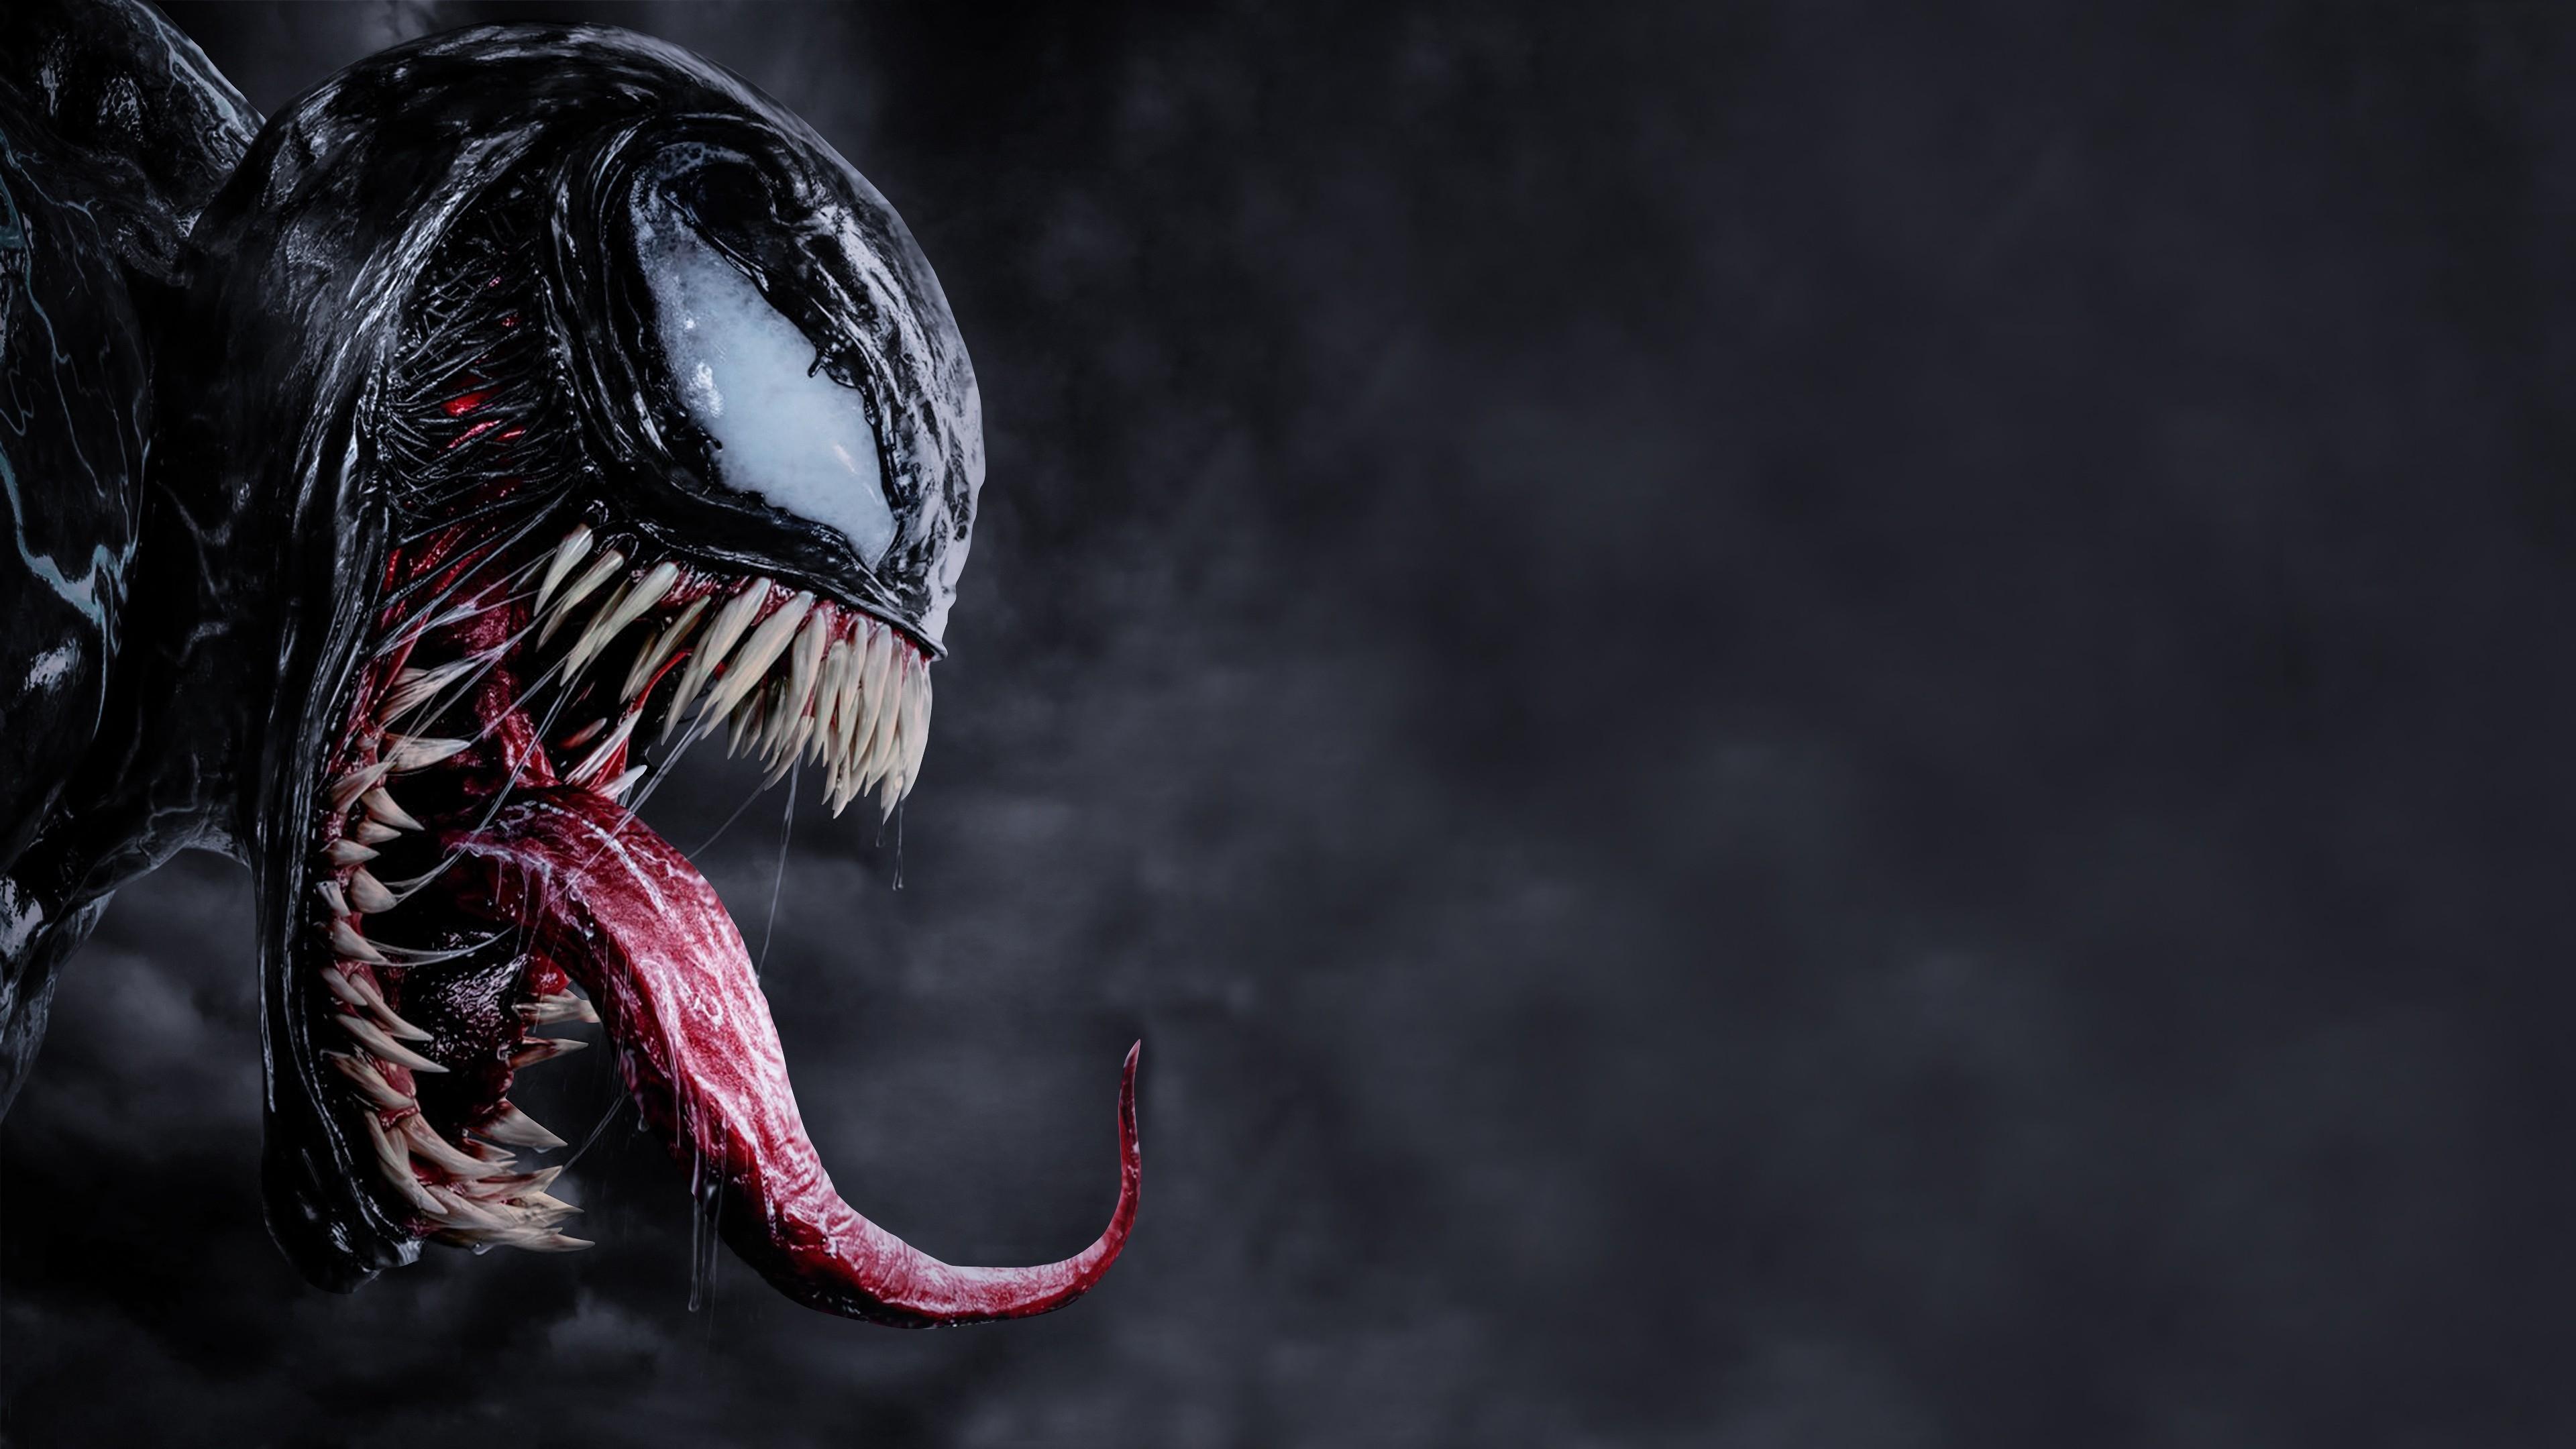 Venom 4k Ultra Fond D Ecran Hd Arriere Plan 3840x2160